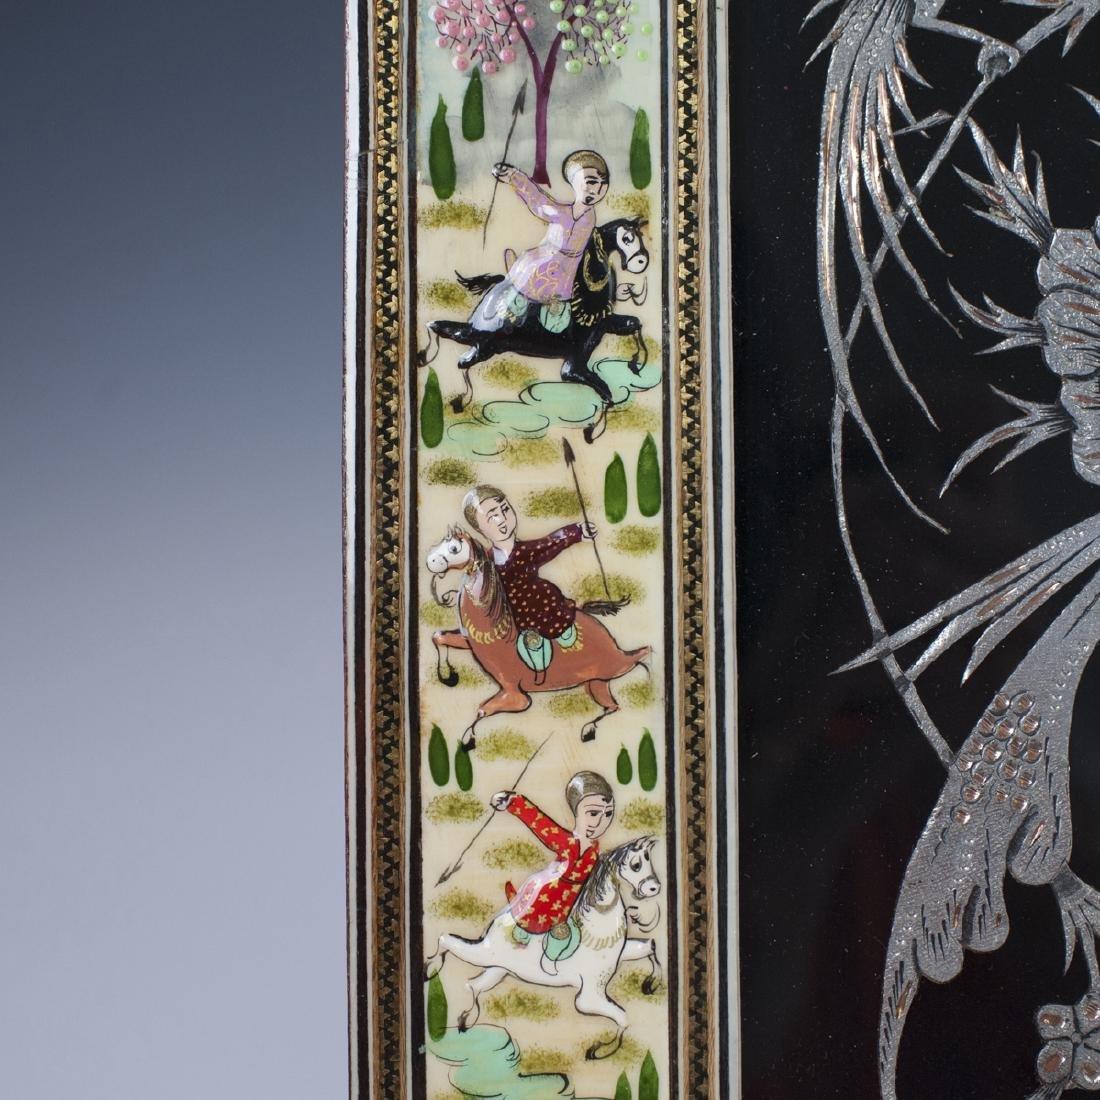 Persian Lacquered Khatam Frame Art - 3